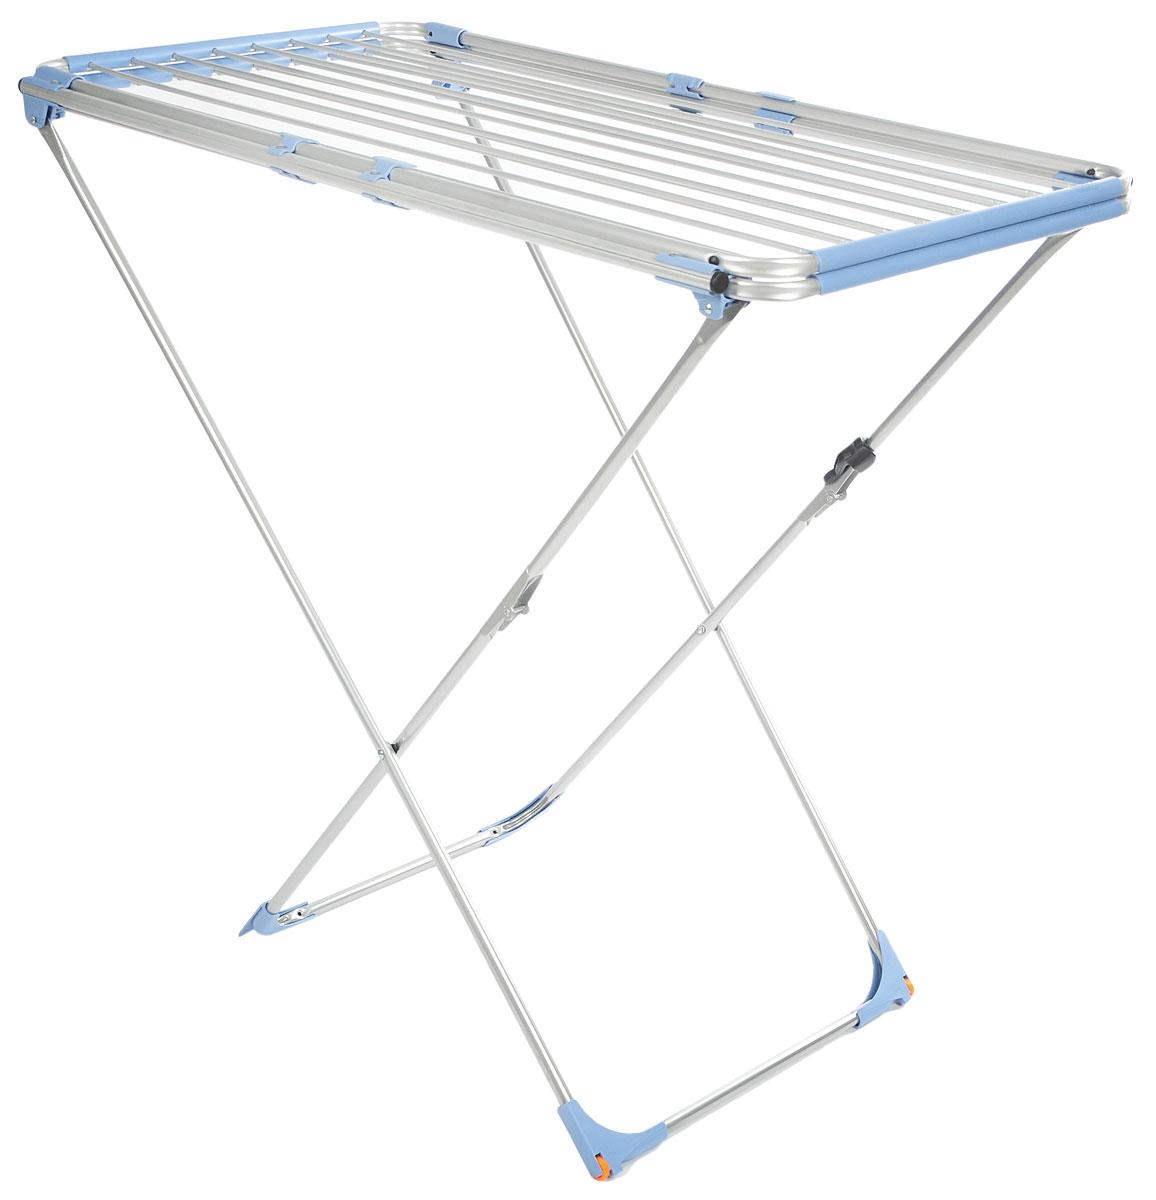 Сушилка для белья Gimi Duo Alu, напольная, цвет: голубой, стальной сушилка д белья gimi lift 160 9 5м настенно потолочная